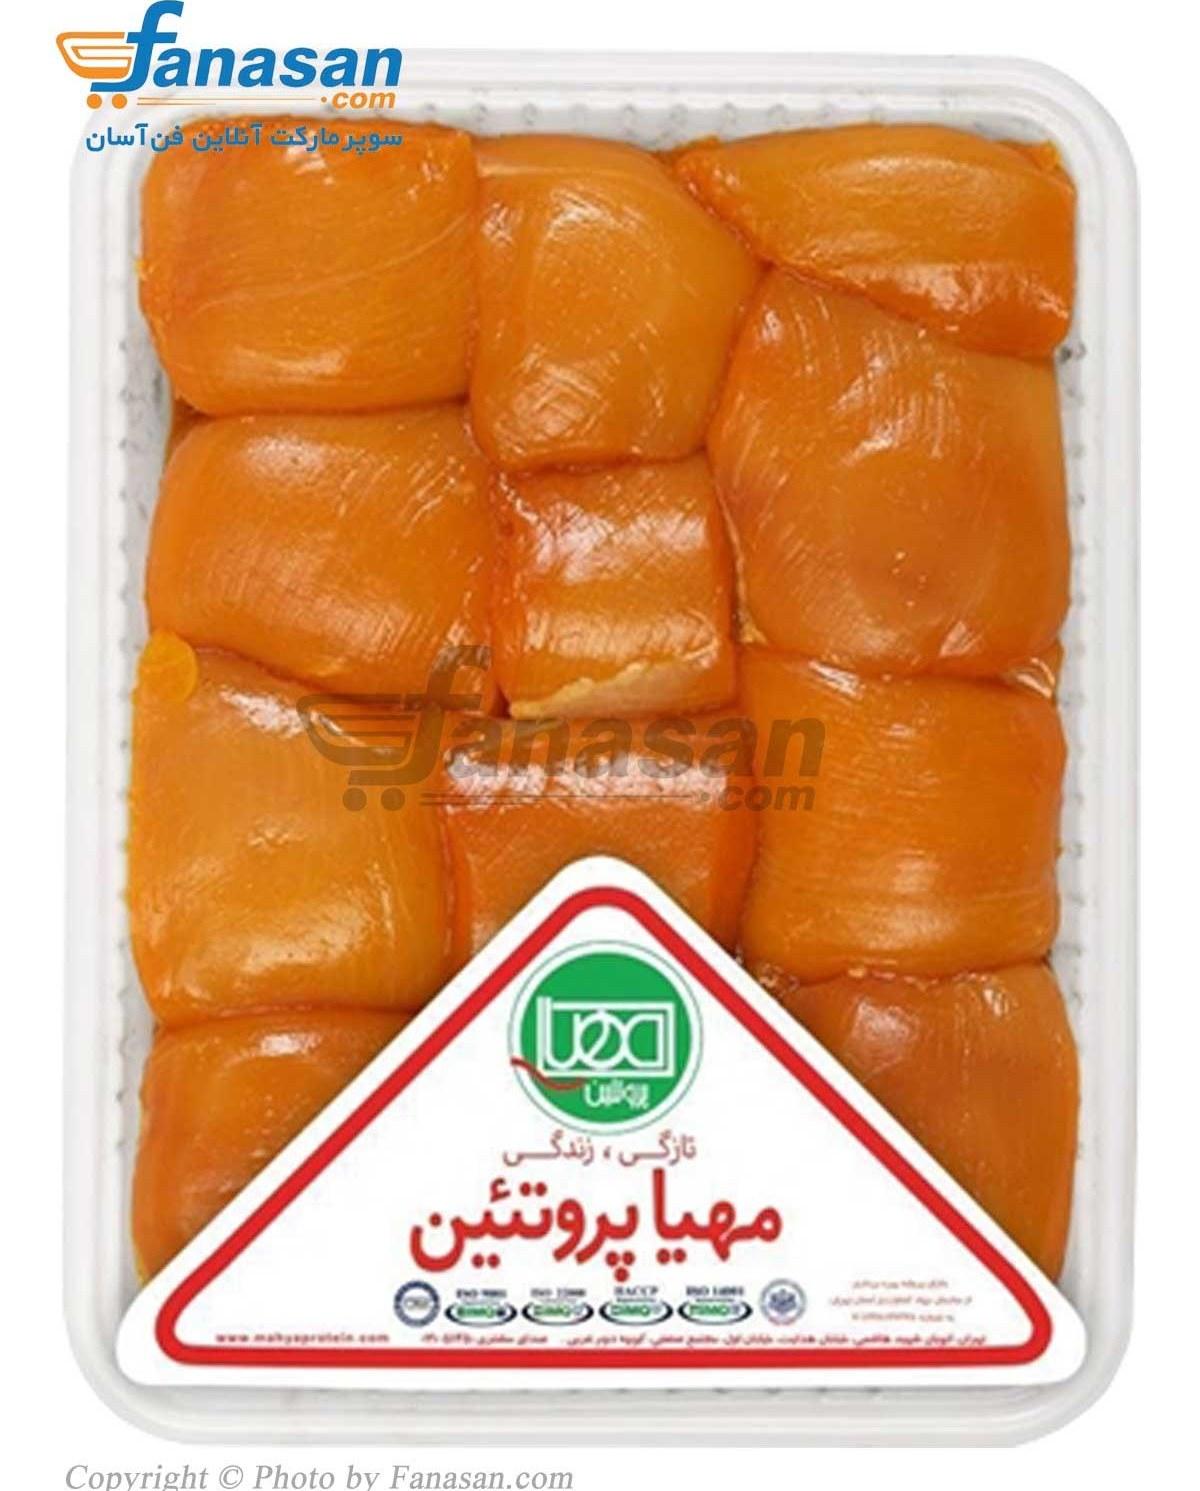 جوجه کباب زعفرانی بدون استخوان مهیا پروتئین 900 گرم | Mahyaprotein chicken barbecue Saffron 900 gr